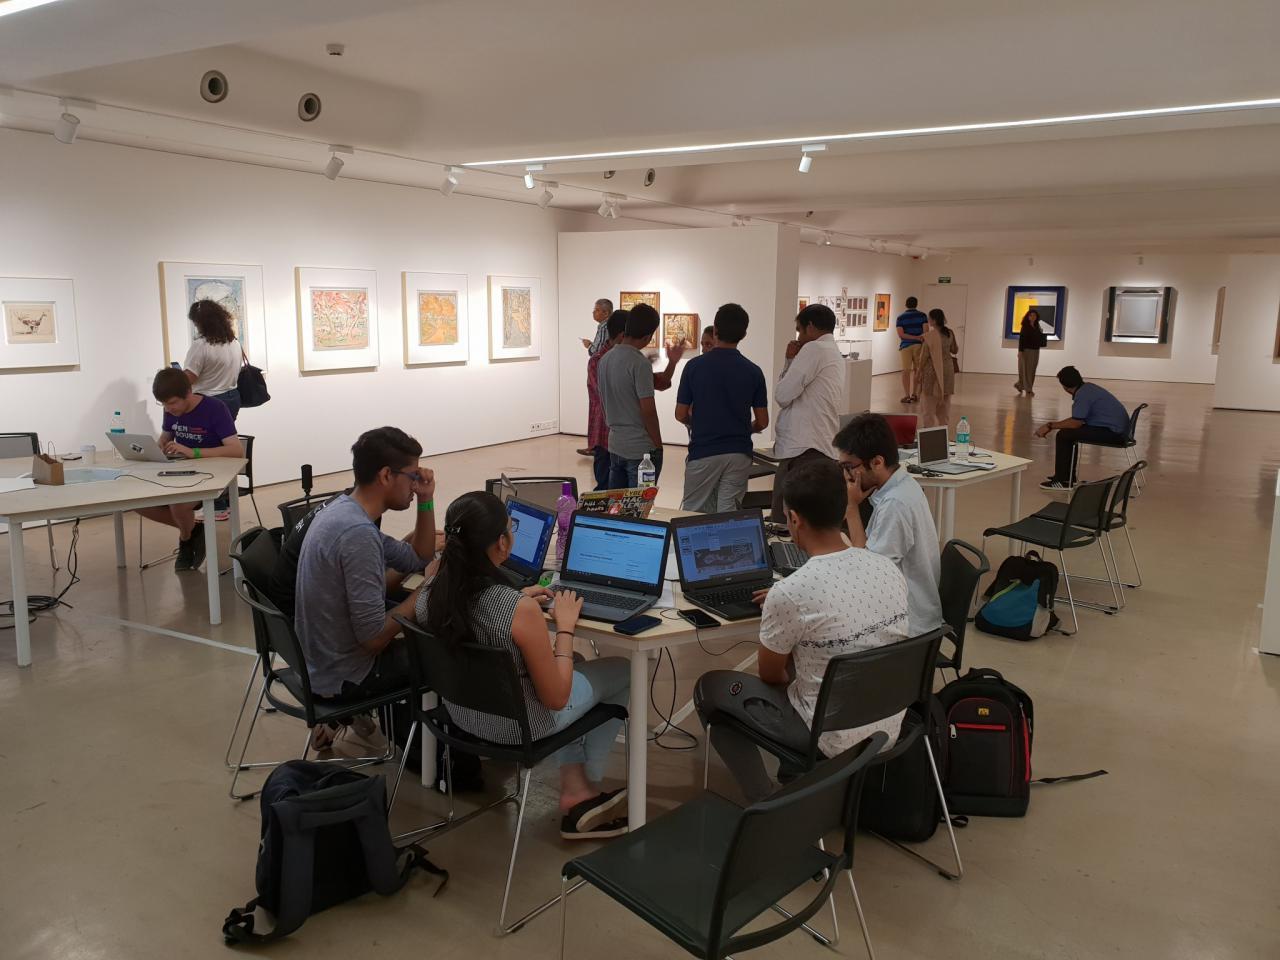 Eine Gruppe junger Menschen sitzt vor ihren Laptops an einem Tisch